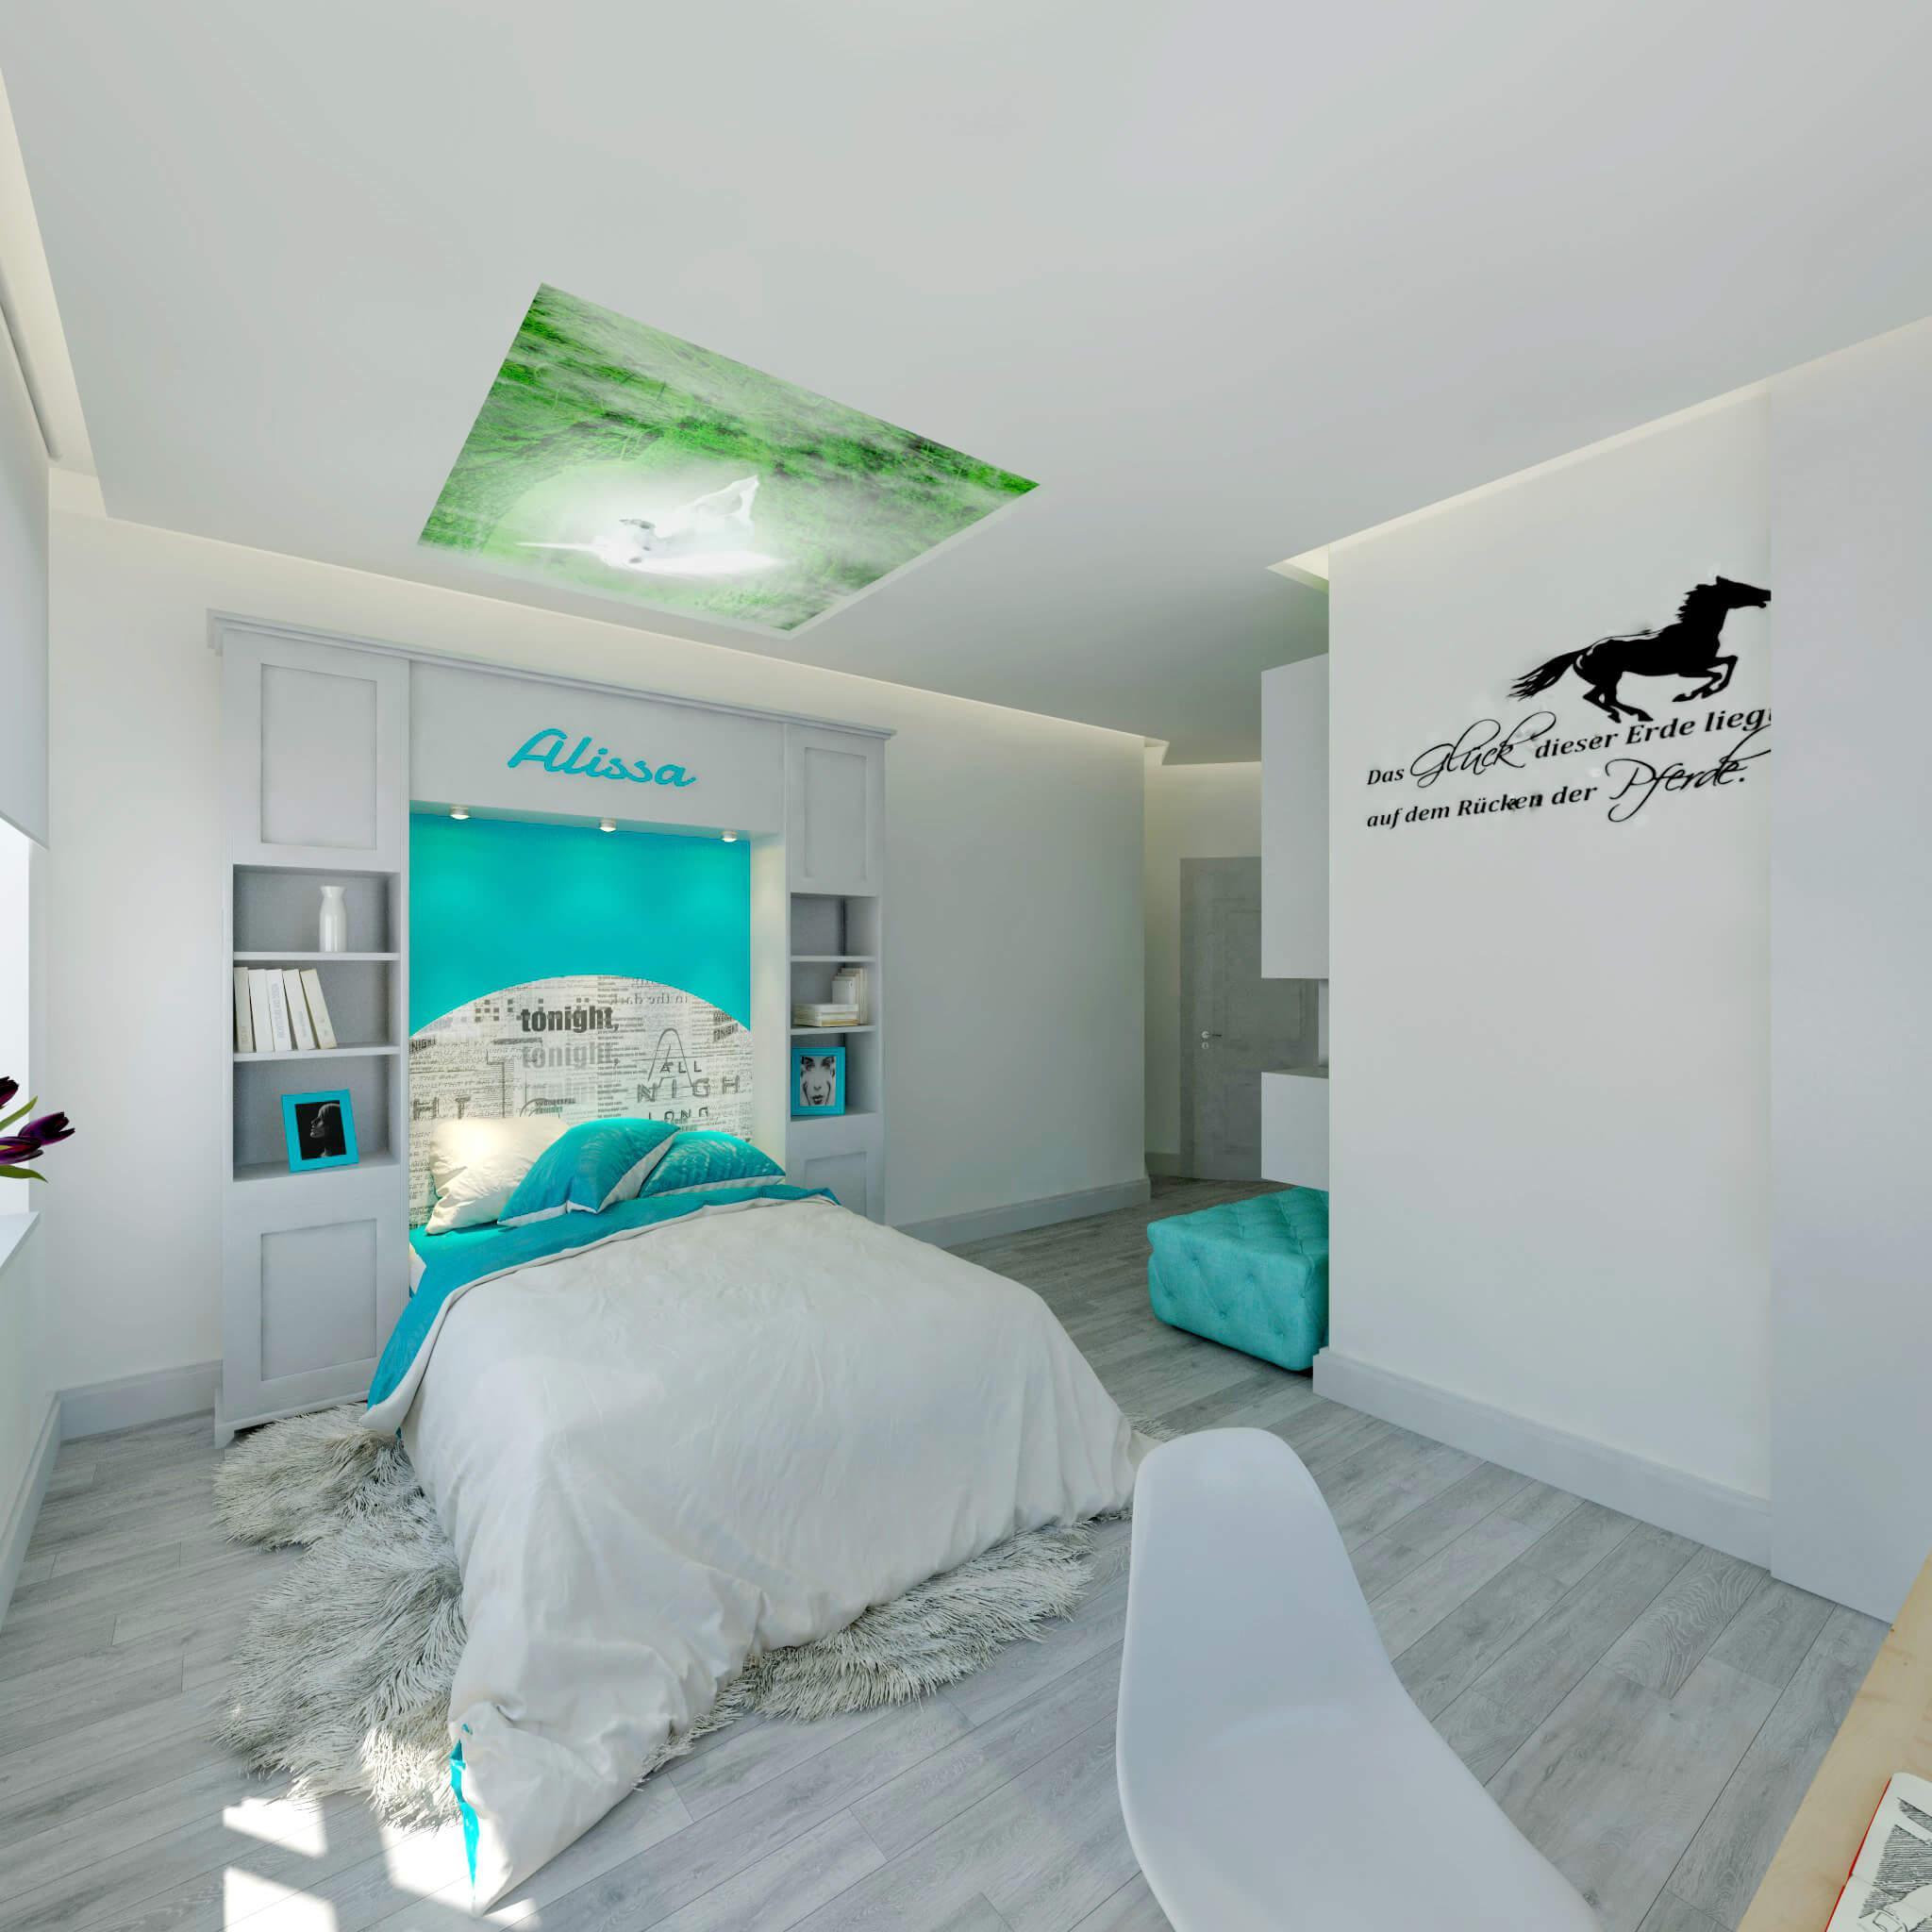 Full Size of Kinderzimmer Einrichten Junge Kleine Küche Regale Sofa Badezimmer Regal Weiß Kinderzimmer Kinderzimmer Einrichten Junge